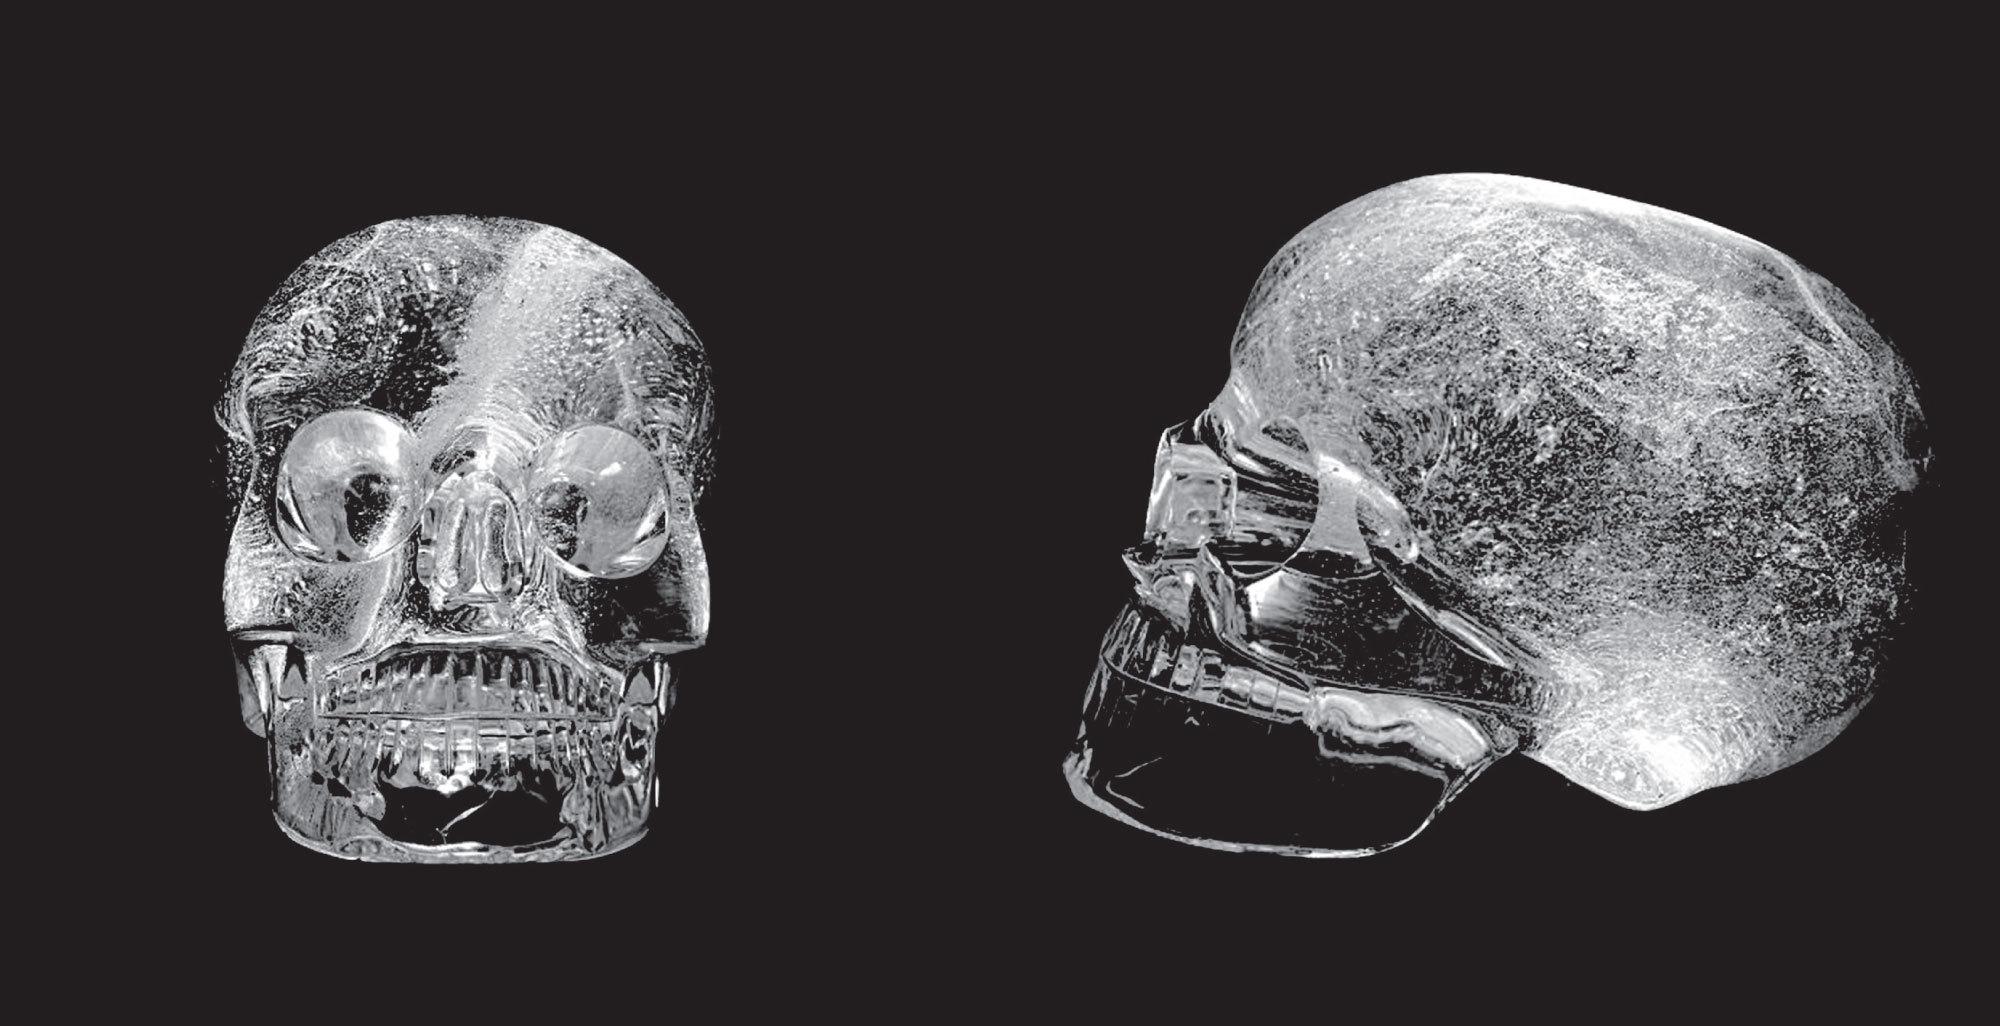 失落的文明——水晶頭骨(上)